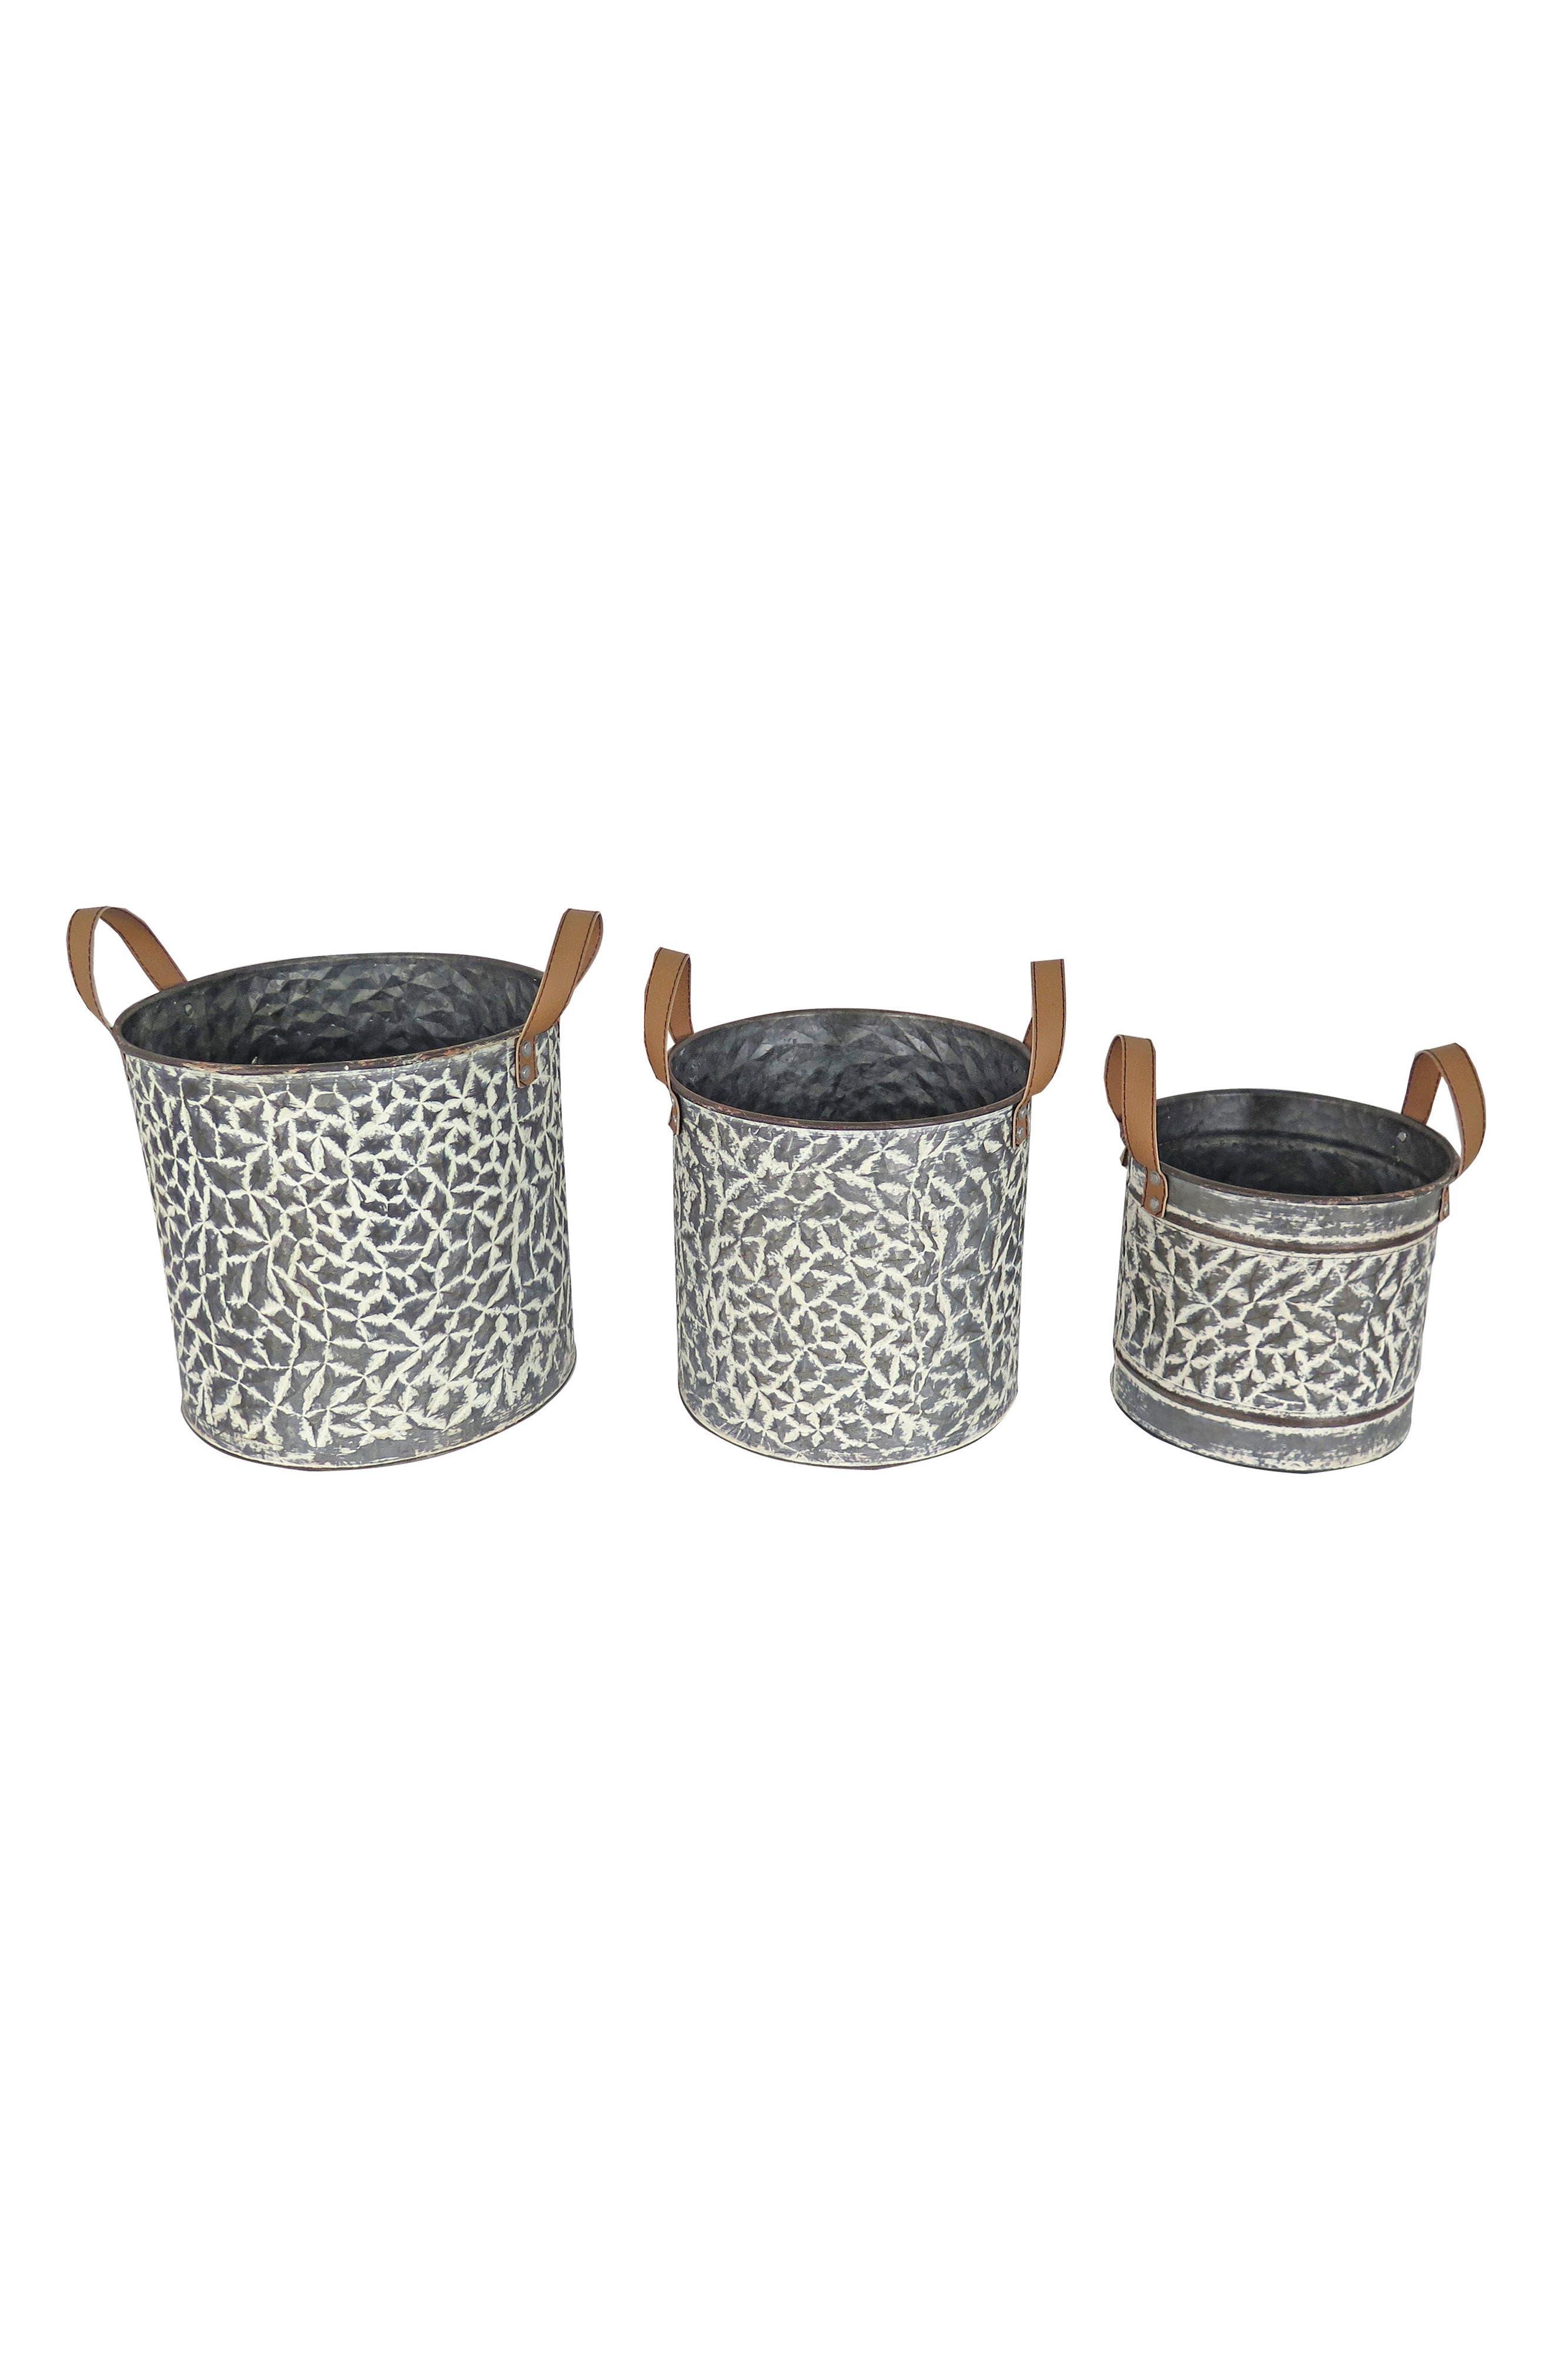 Langford Set of 3 Buckets,                             Main thumbnail 1, color,                             040